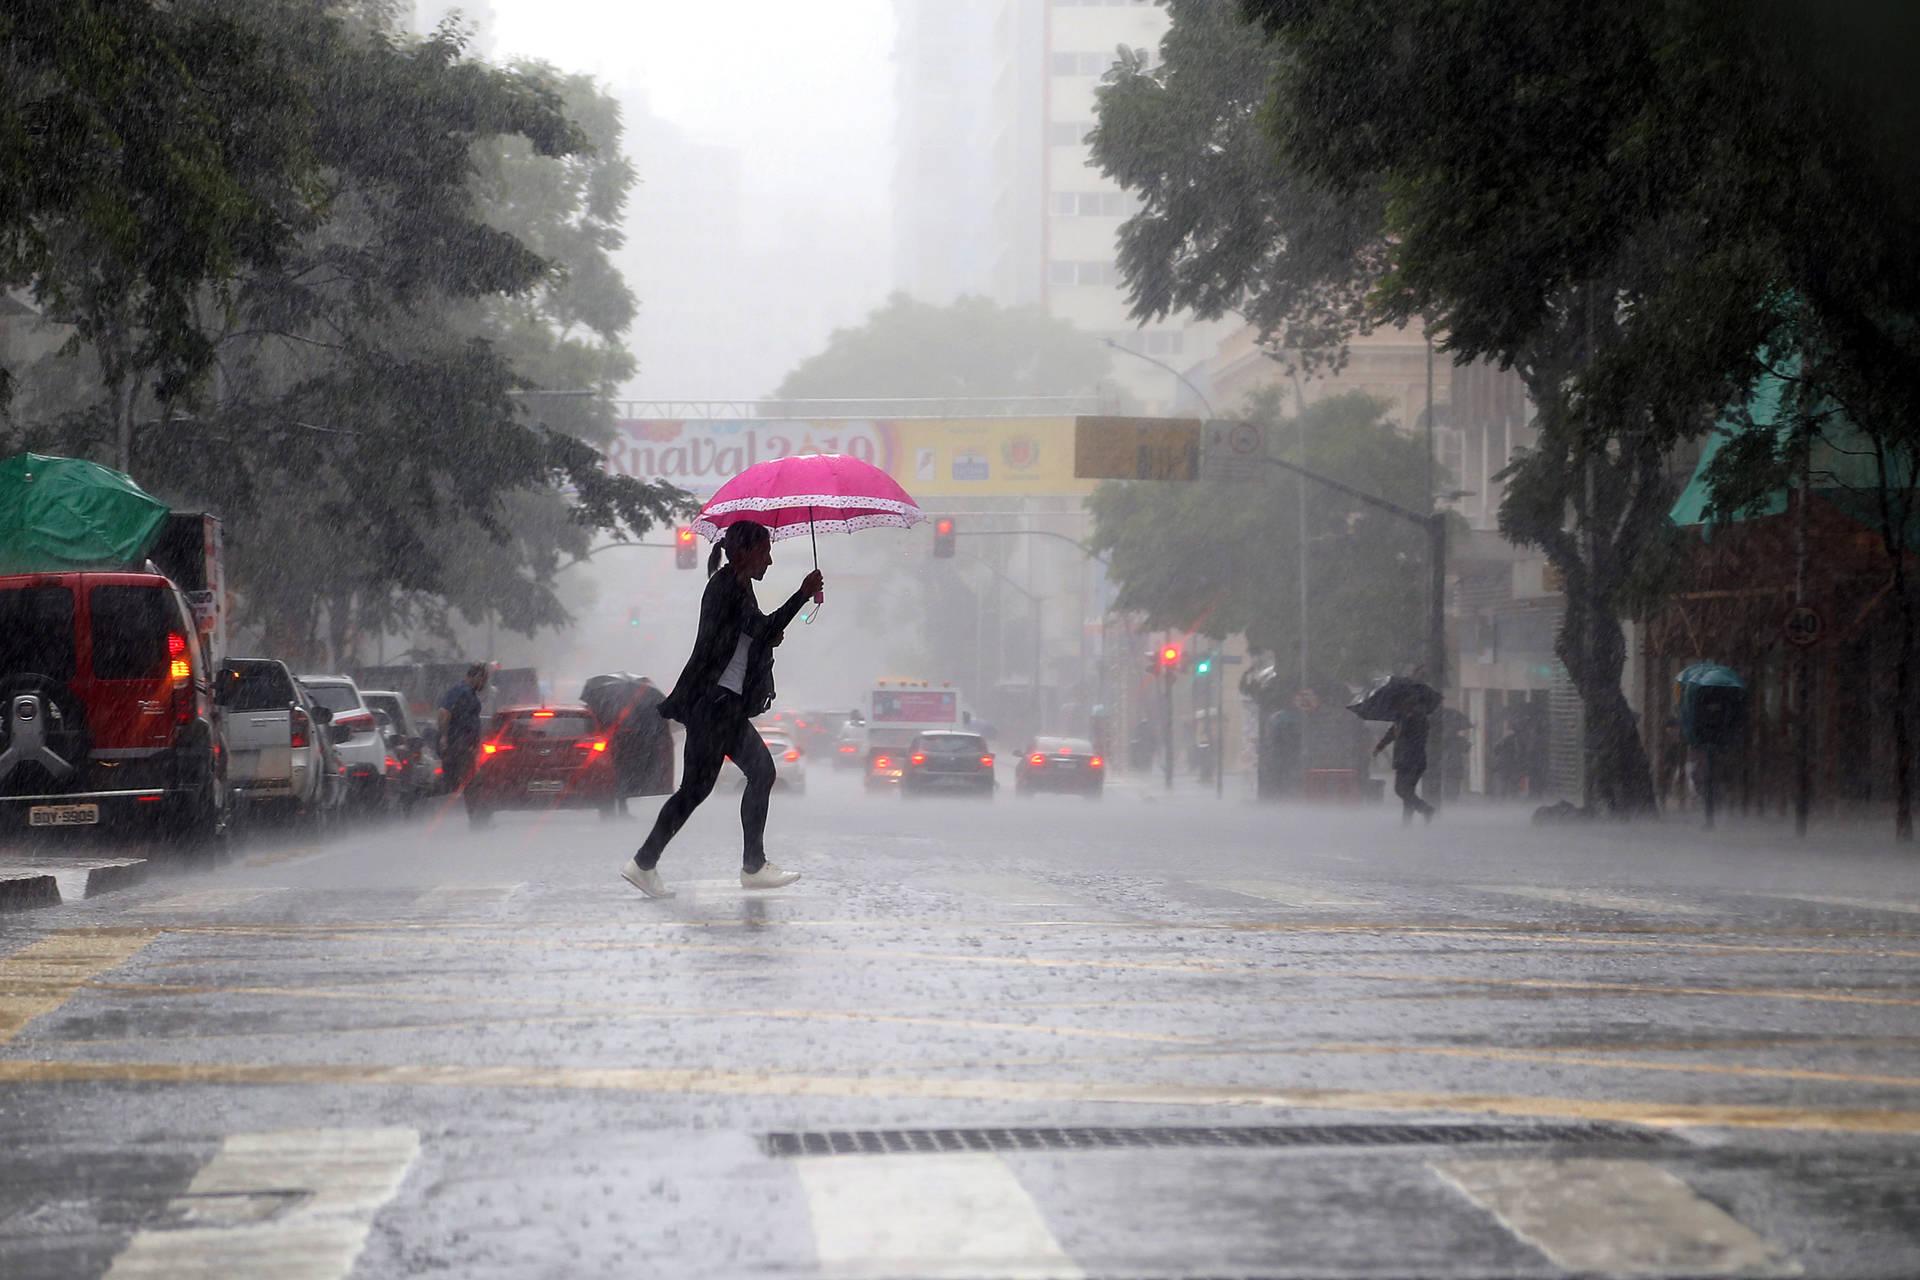 Uma média dos últimos cinco anos aponta que 49% dos casos confirmados da doença ocorreram no primeiro trimestre, quando há maior ocorrência das chuvas. Confira os cuidados para reduzir os riscos.